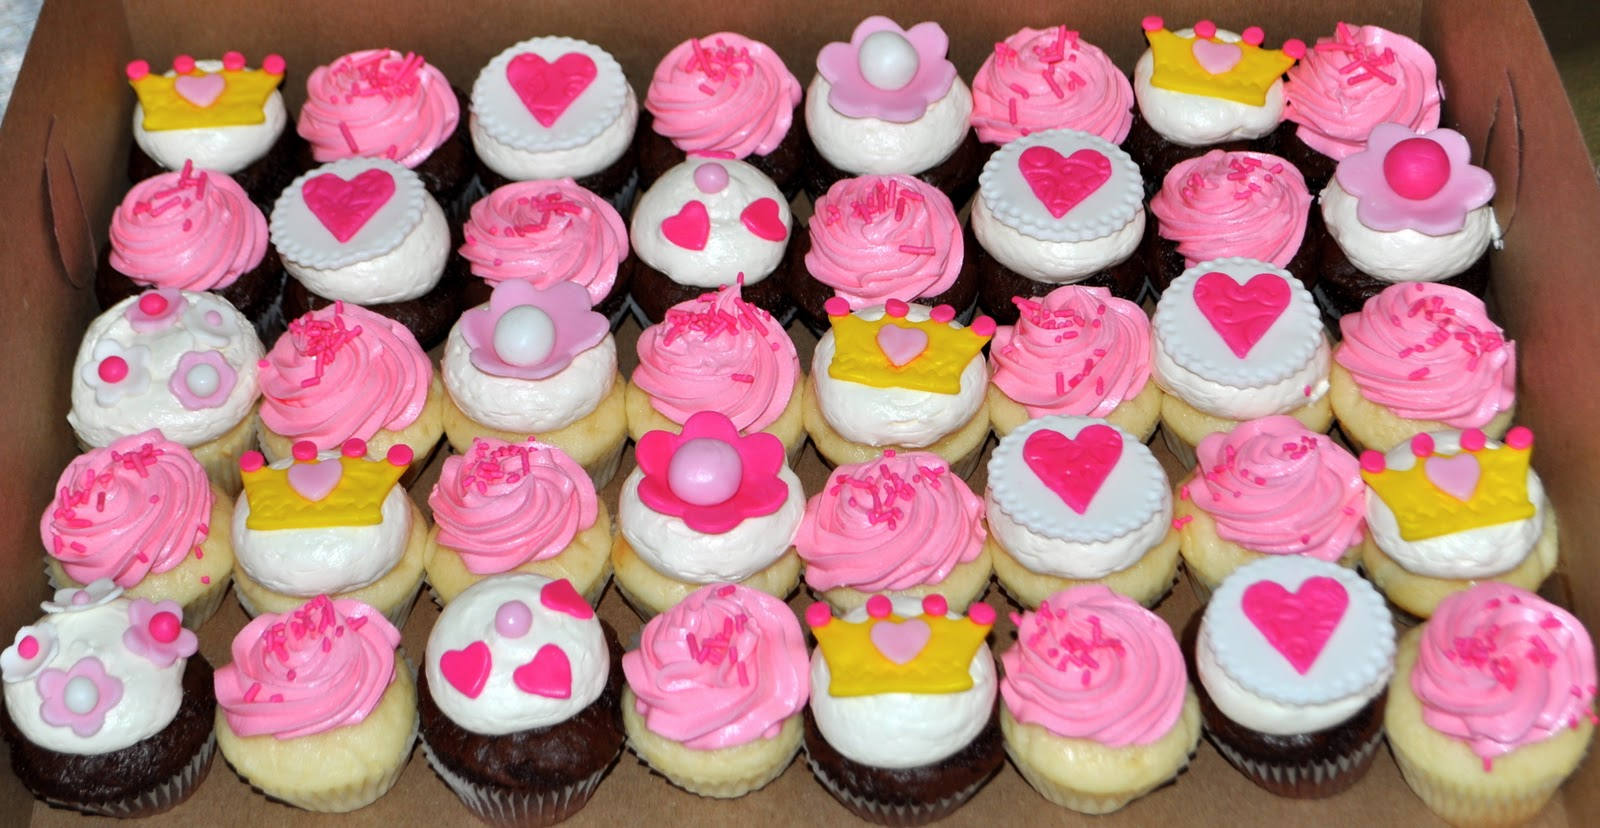 Coolest Cupcakes: Princess Cupcakes